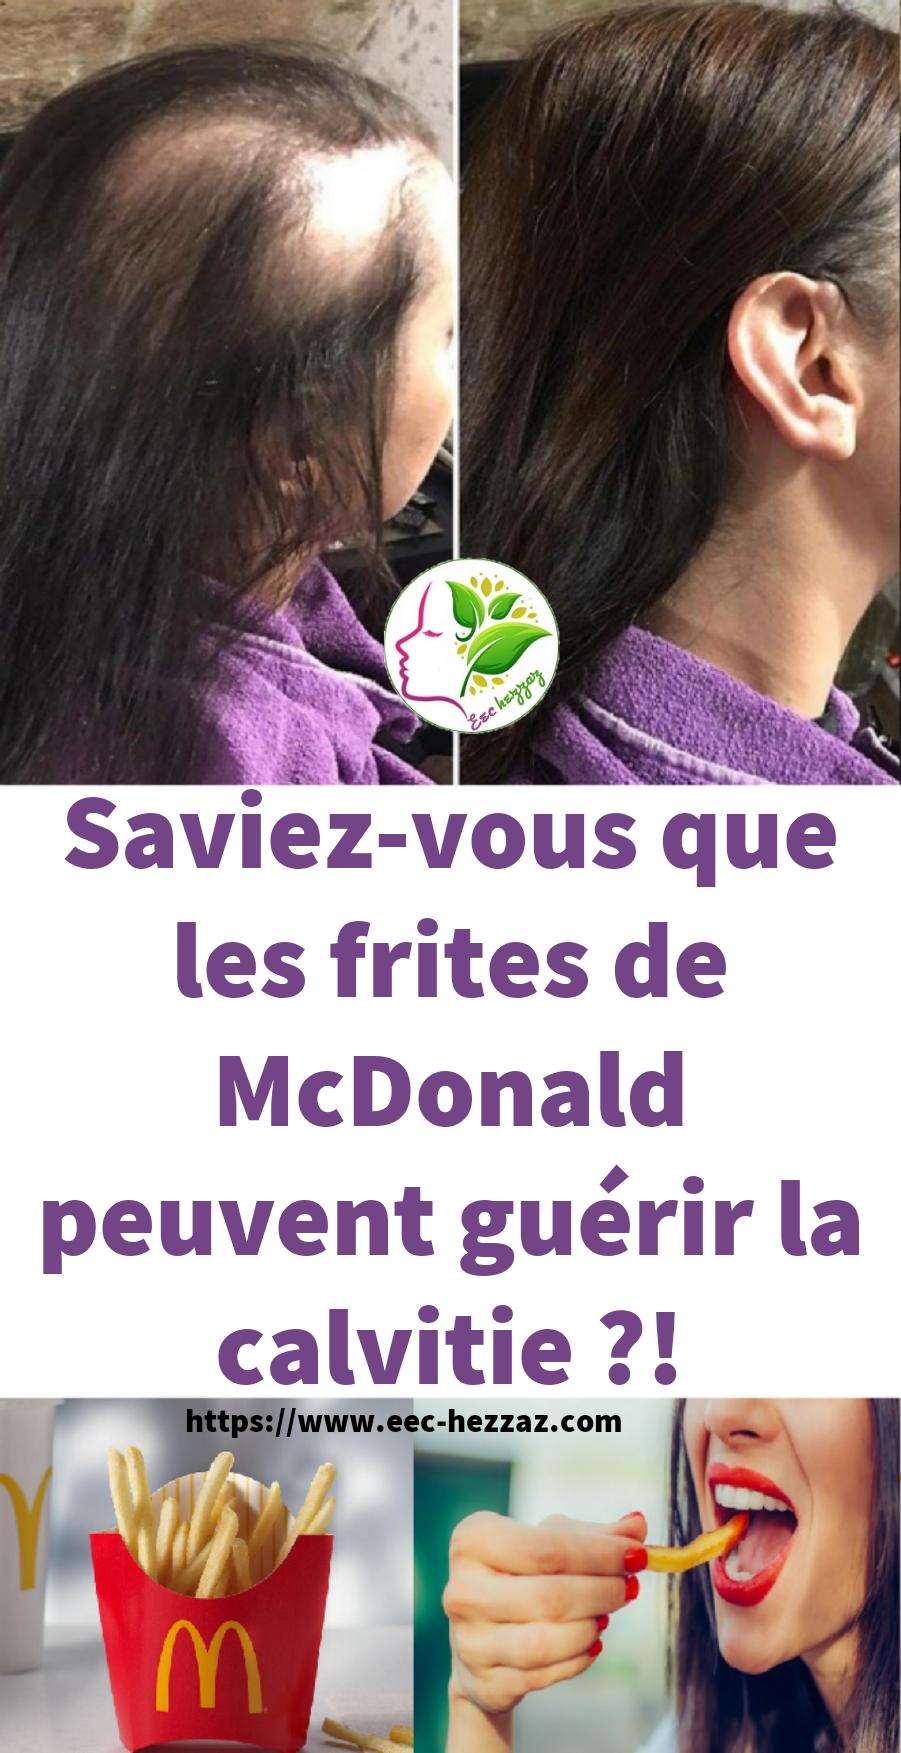 Saviez-vous que les frites de McDonald peuvent guérir la calvitie ?!